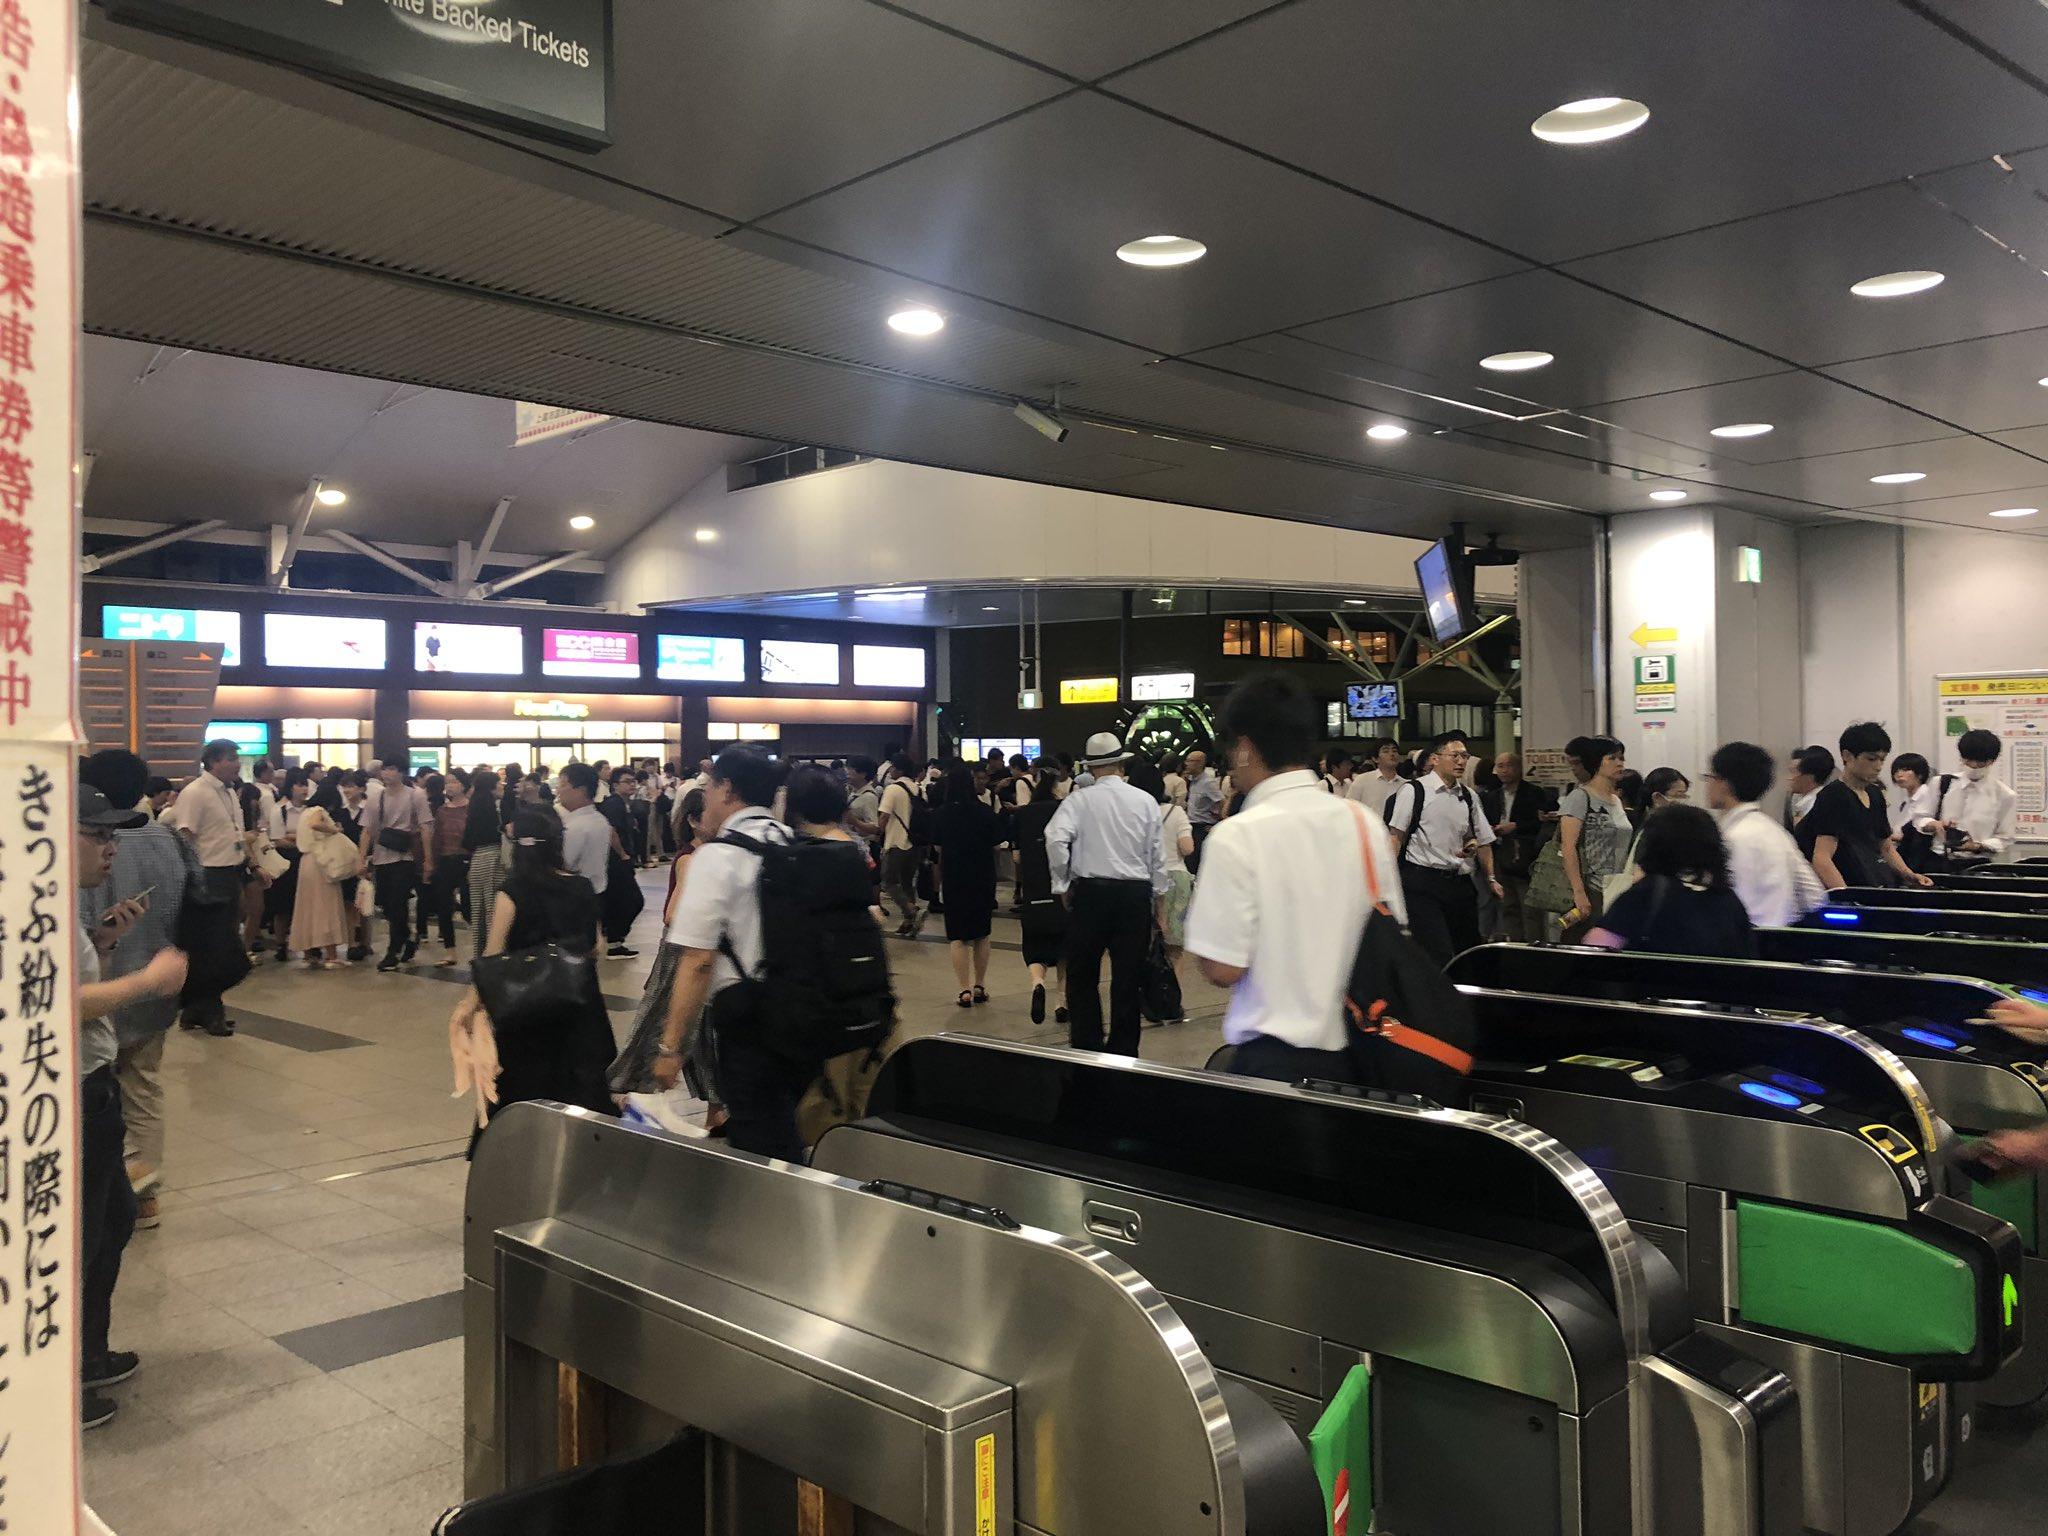 画像,上尾駅ゲリラ豪雨帰宅難民 ww https://t.co/kxqYsaHWFu。